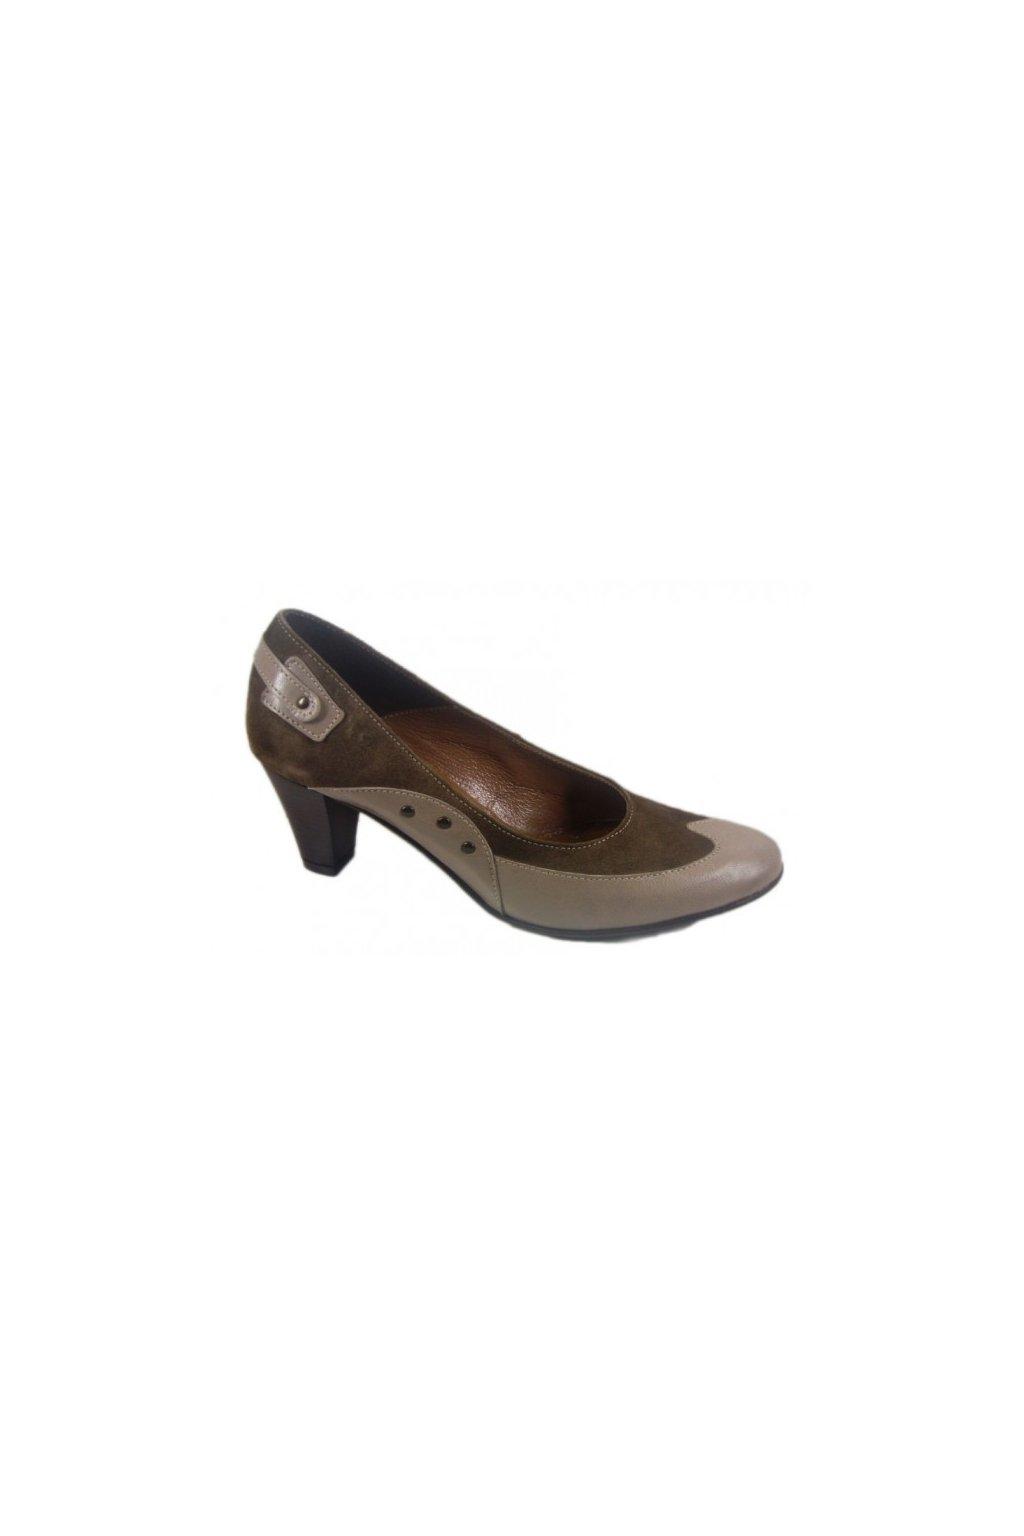 Podměrná dámská obuv Hujo 136